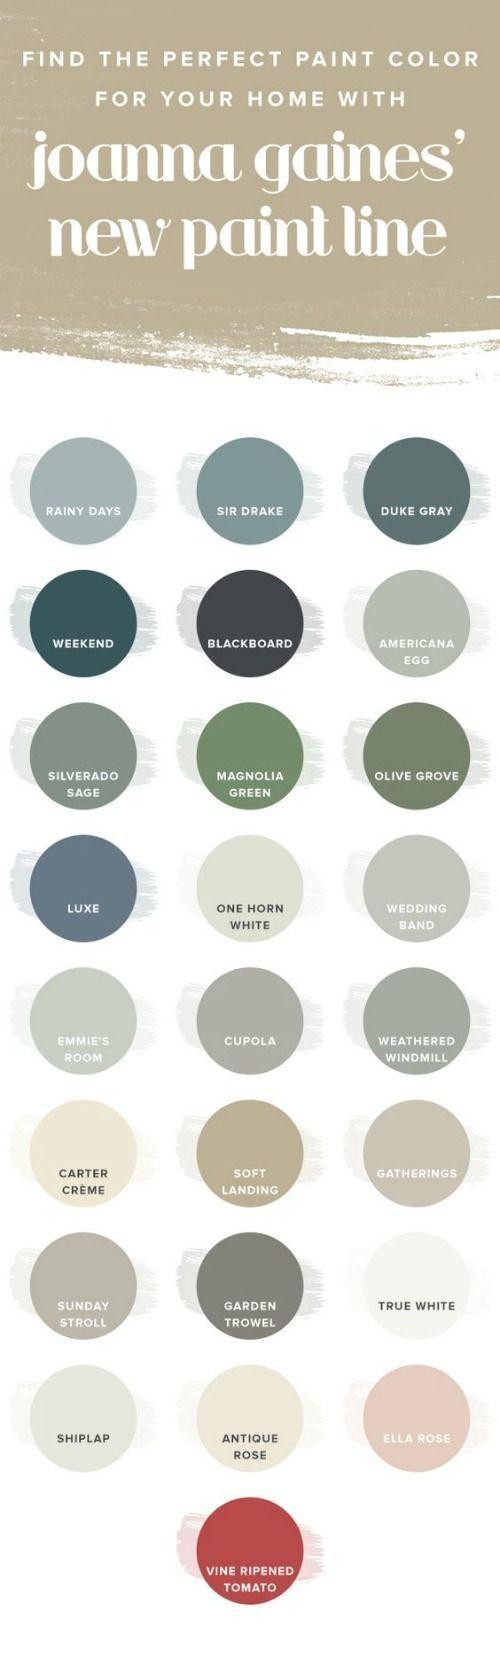 Inspire Your Joanna Gaines - DIY Fixer Upper Ideas - http://centophobe.com/inspire-your-joanna-gaines-diy-fixer-upper-ideas-7/ -